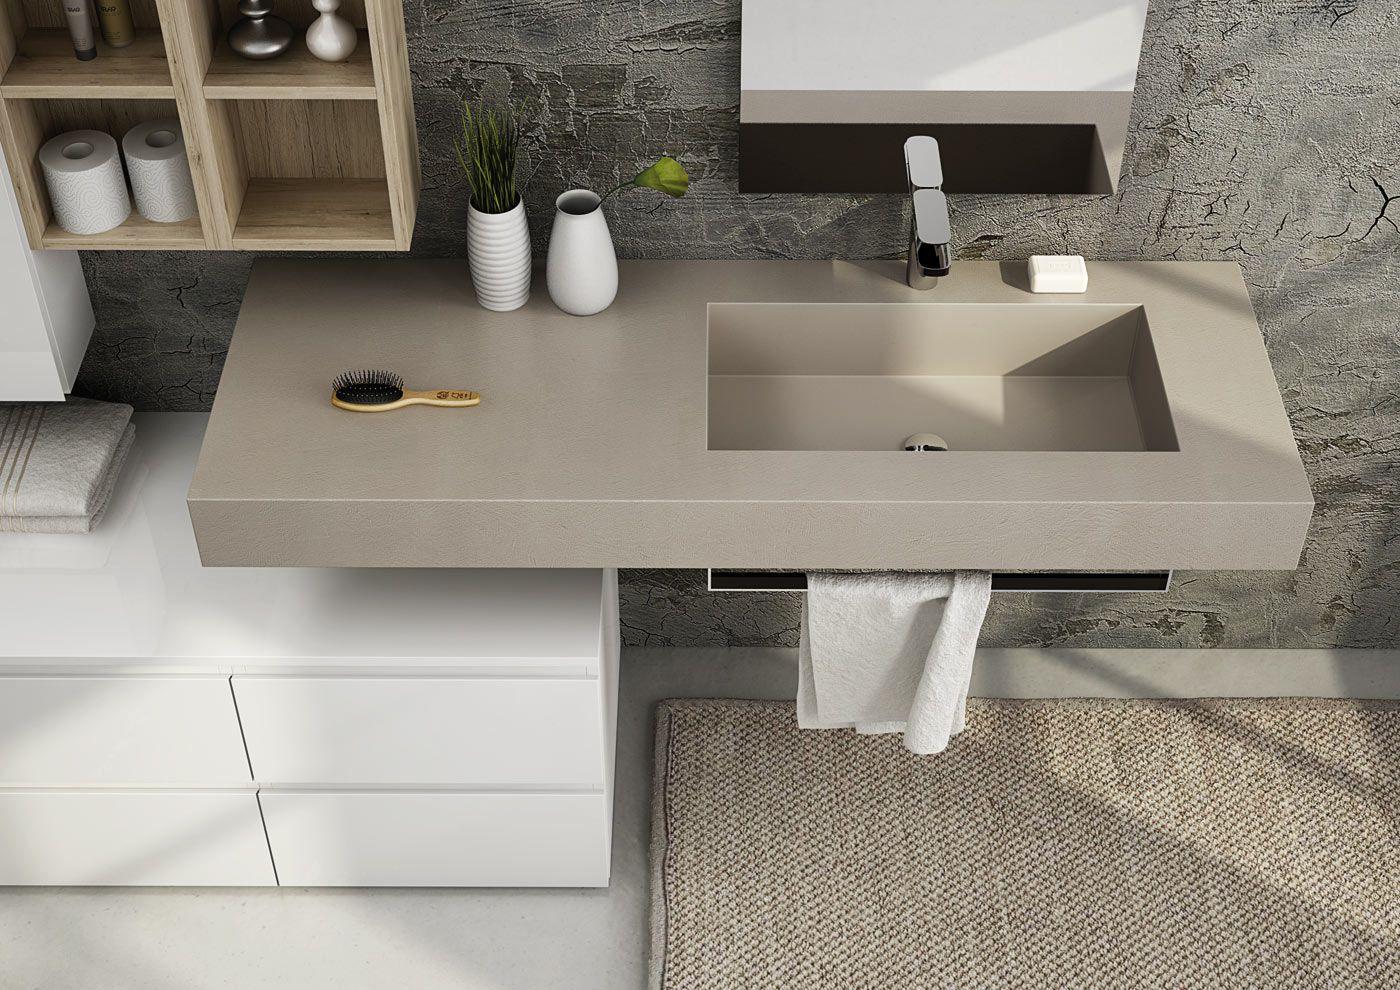 Mobile lavabo componibile singolo sospeso freedom 09 by for Lavandino bagno moderno